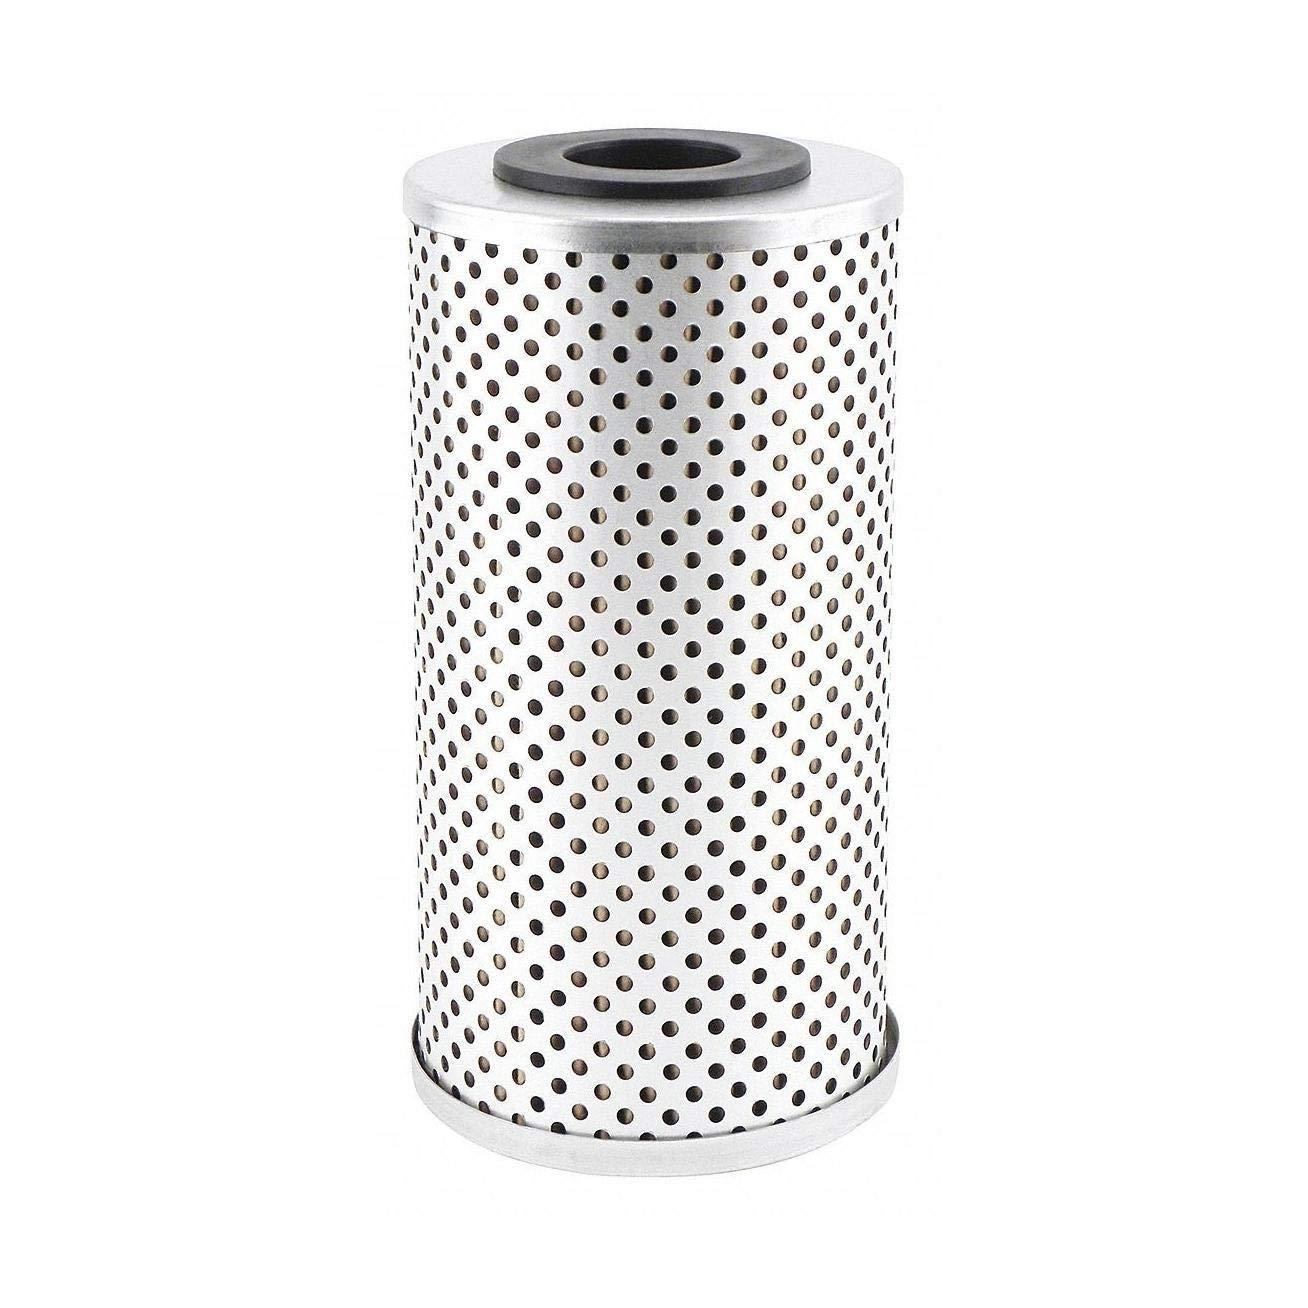 3 x 5-21//32 In Baldwin Filters PT480 Heavy Duty Hydraulic Filter